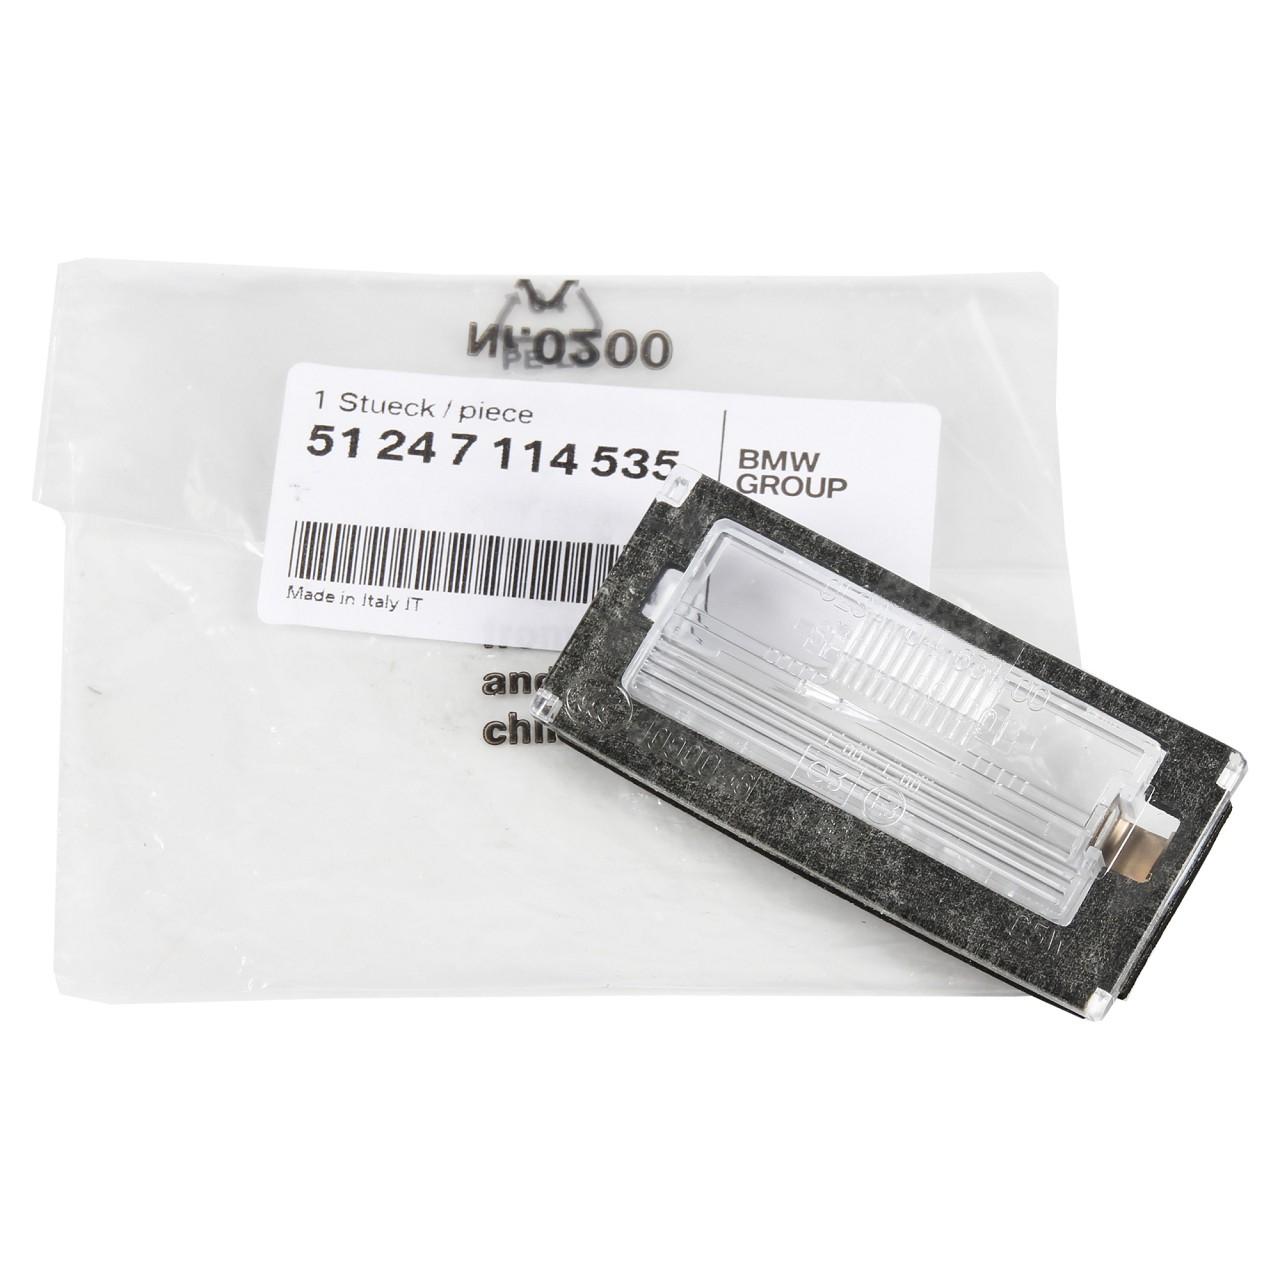 ORIGINAL MINI Lichtscheibe Abdeckung Kennzeichenleuchte R50 R53 R52 51247114535